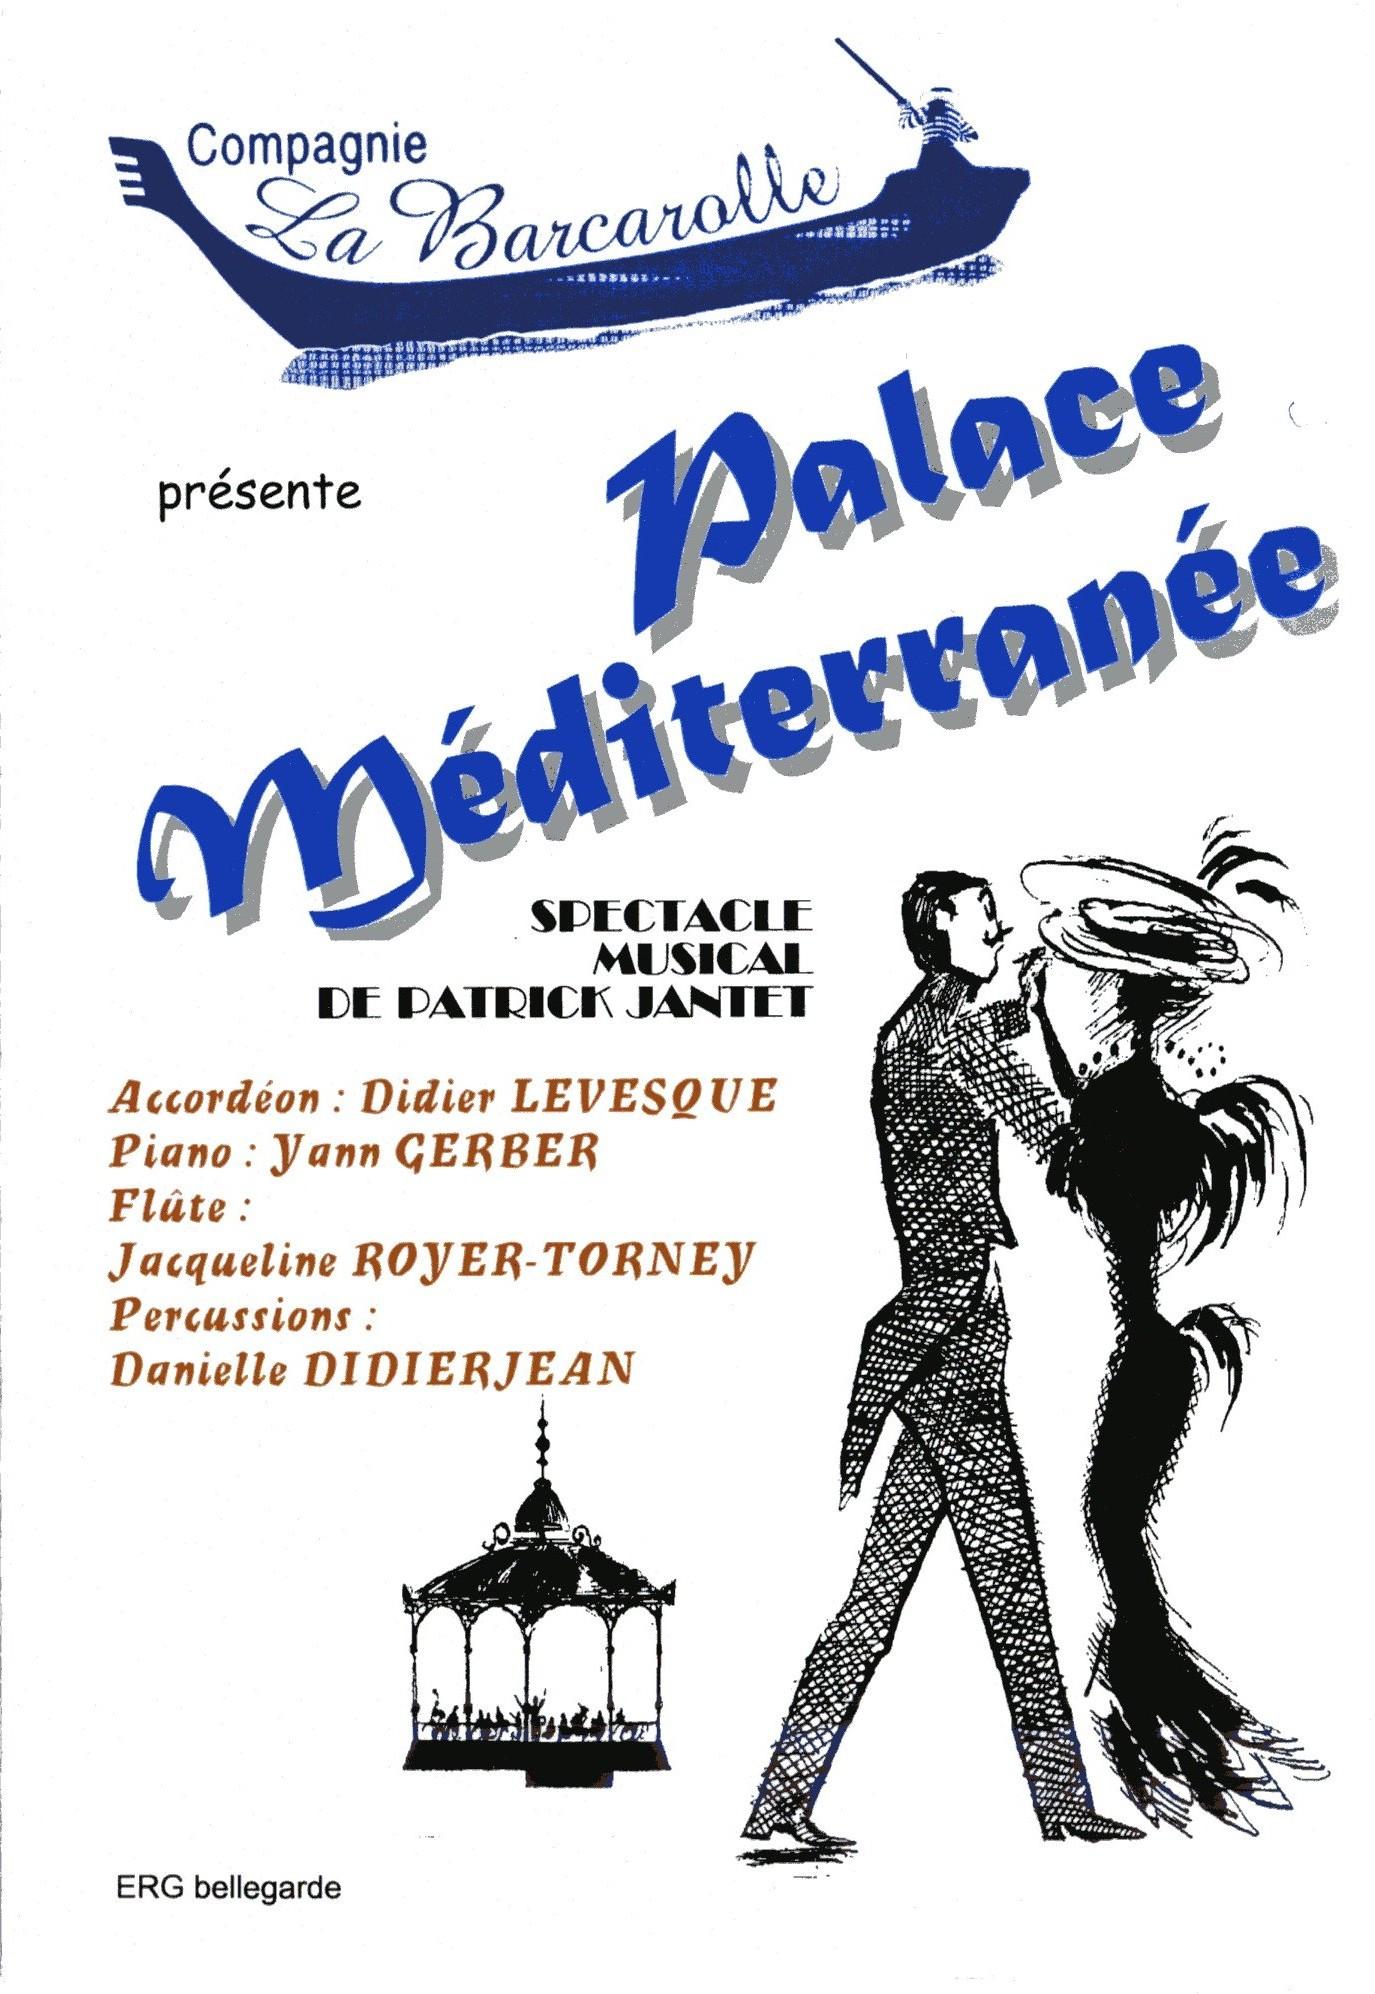 Palace méditerranée affiche compagnie la barcarolle